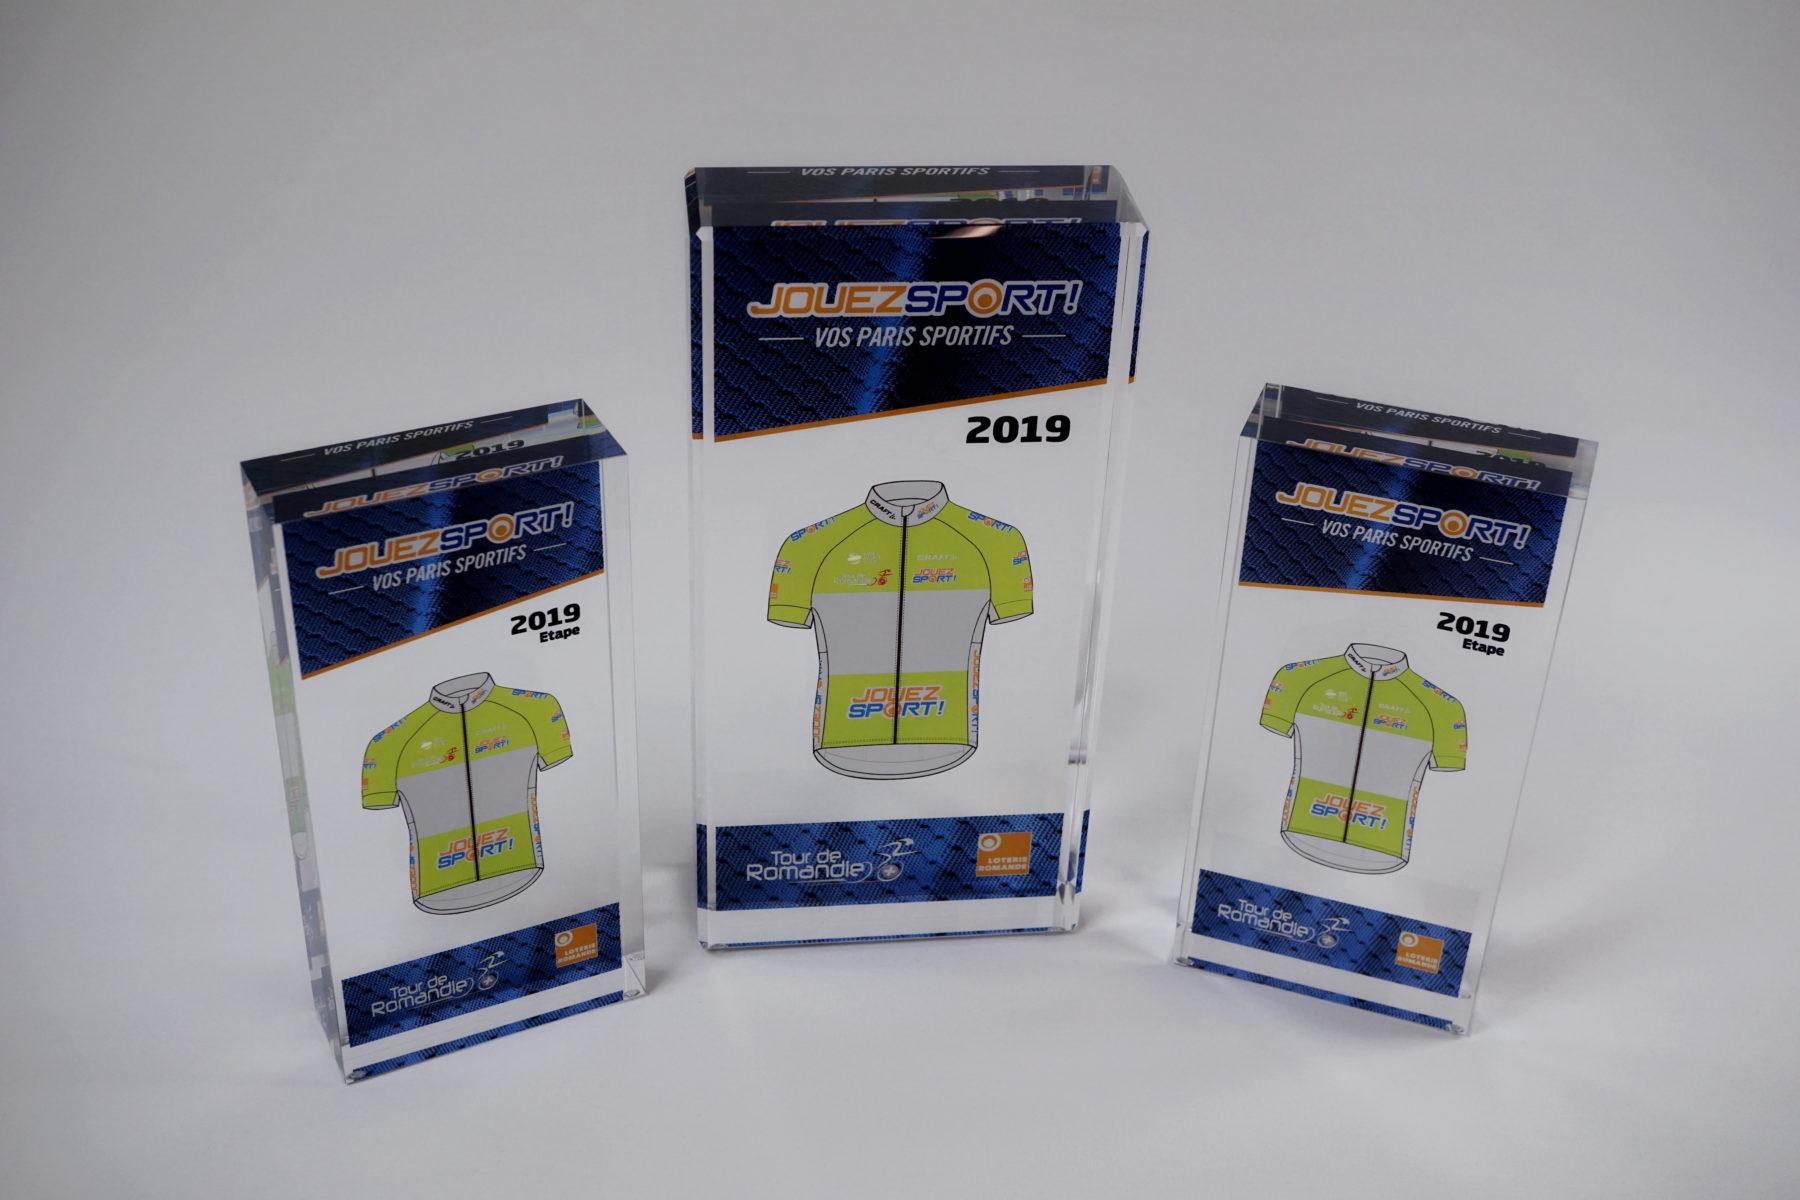 Trophées Tour de Romandie 2019